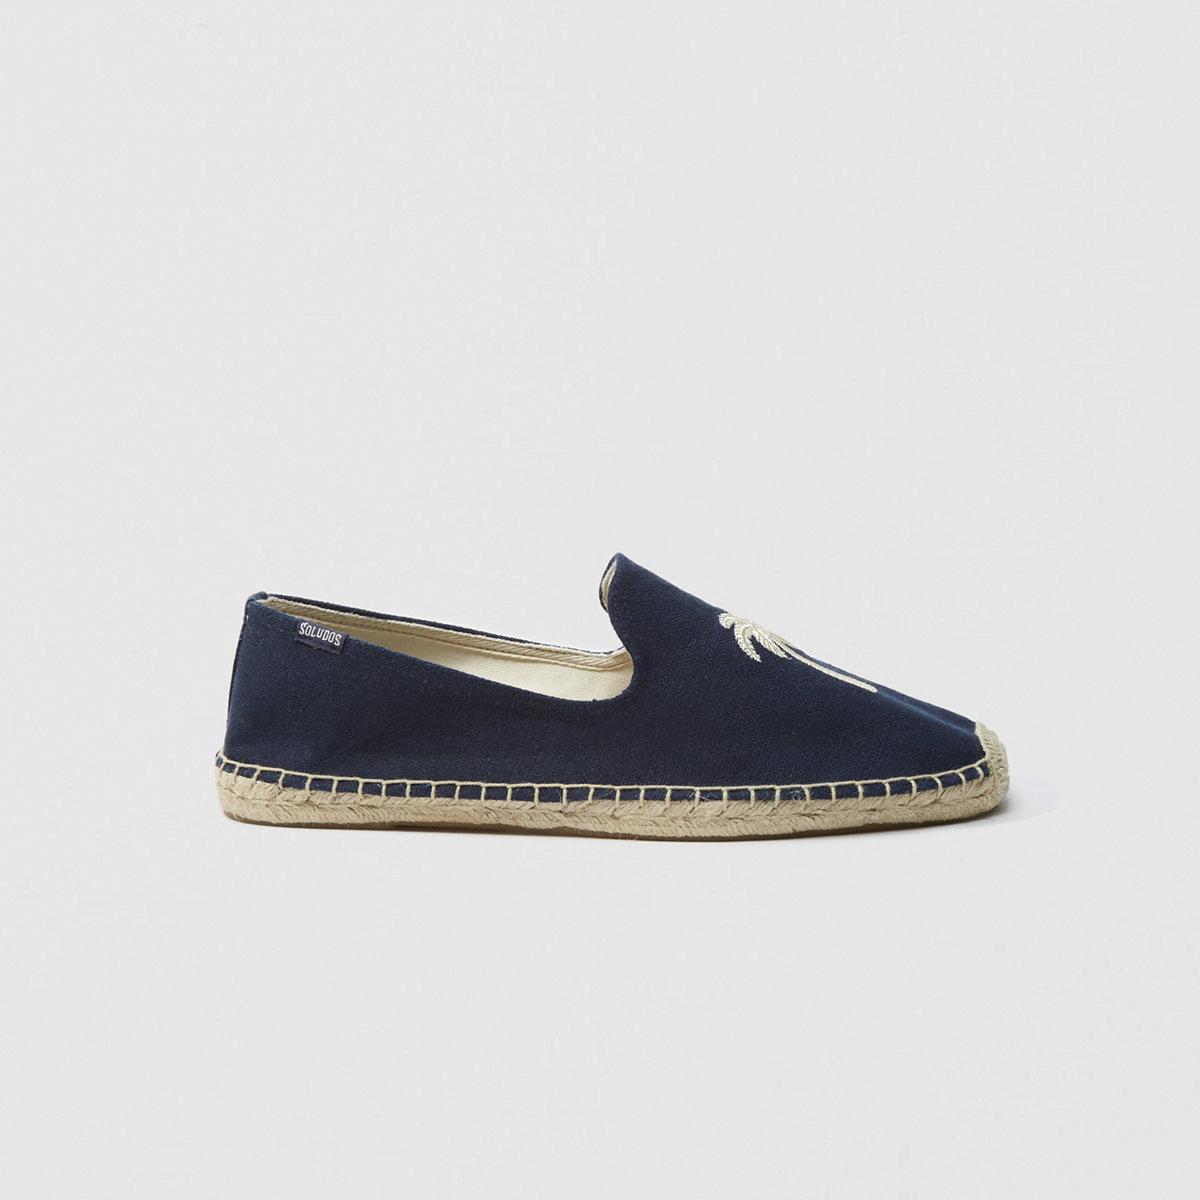 Soludos Original Palm Tree Shoe